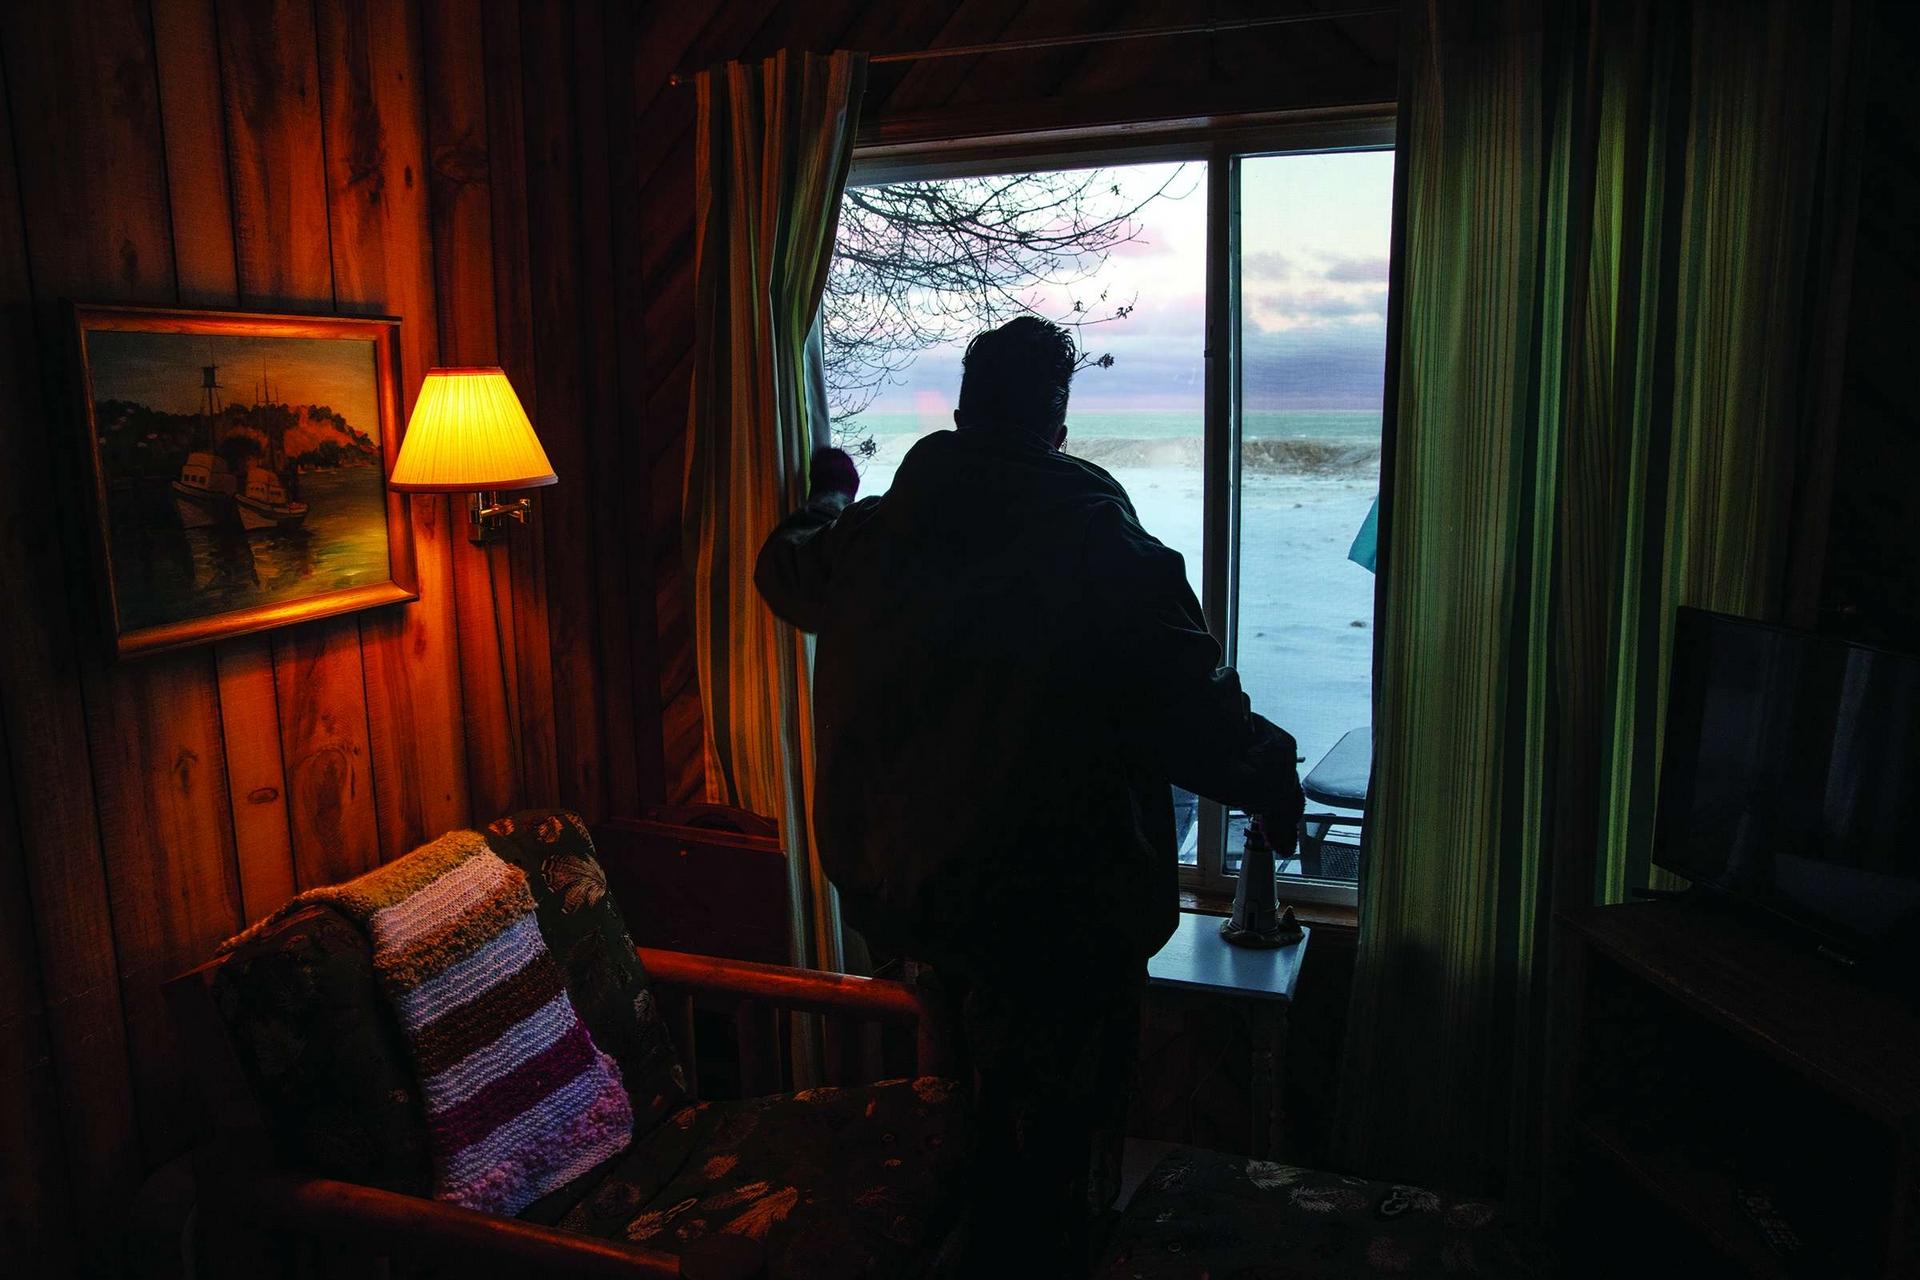 2020年2月8日休倫湖 在密西根州的奧斯科達,伊蓮娜.麥肯錫從她的一棟出租度假小屋審視著休倫湖。湖邊厚厚的冰層通常能保護湖岸不受風暴侵襲,但去年冬天很暖,湖浪侵蝕了岸邊的房產,造成數千美元的損失。Photo by AMY SACKA(艾米.薩卡)